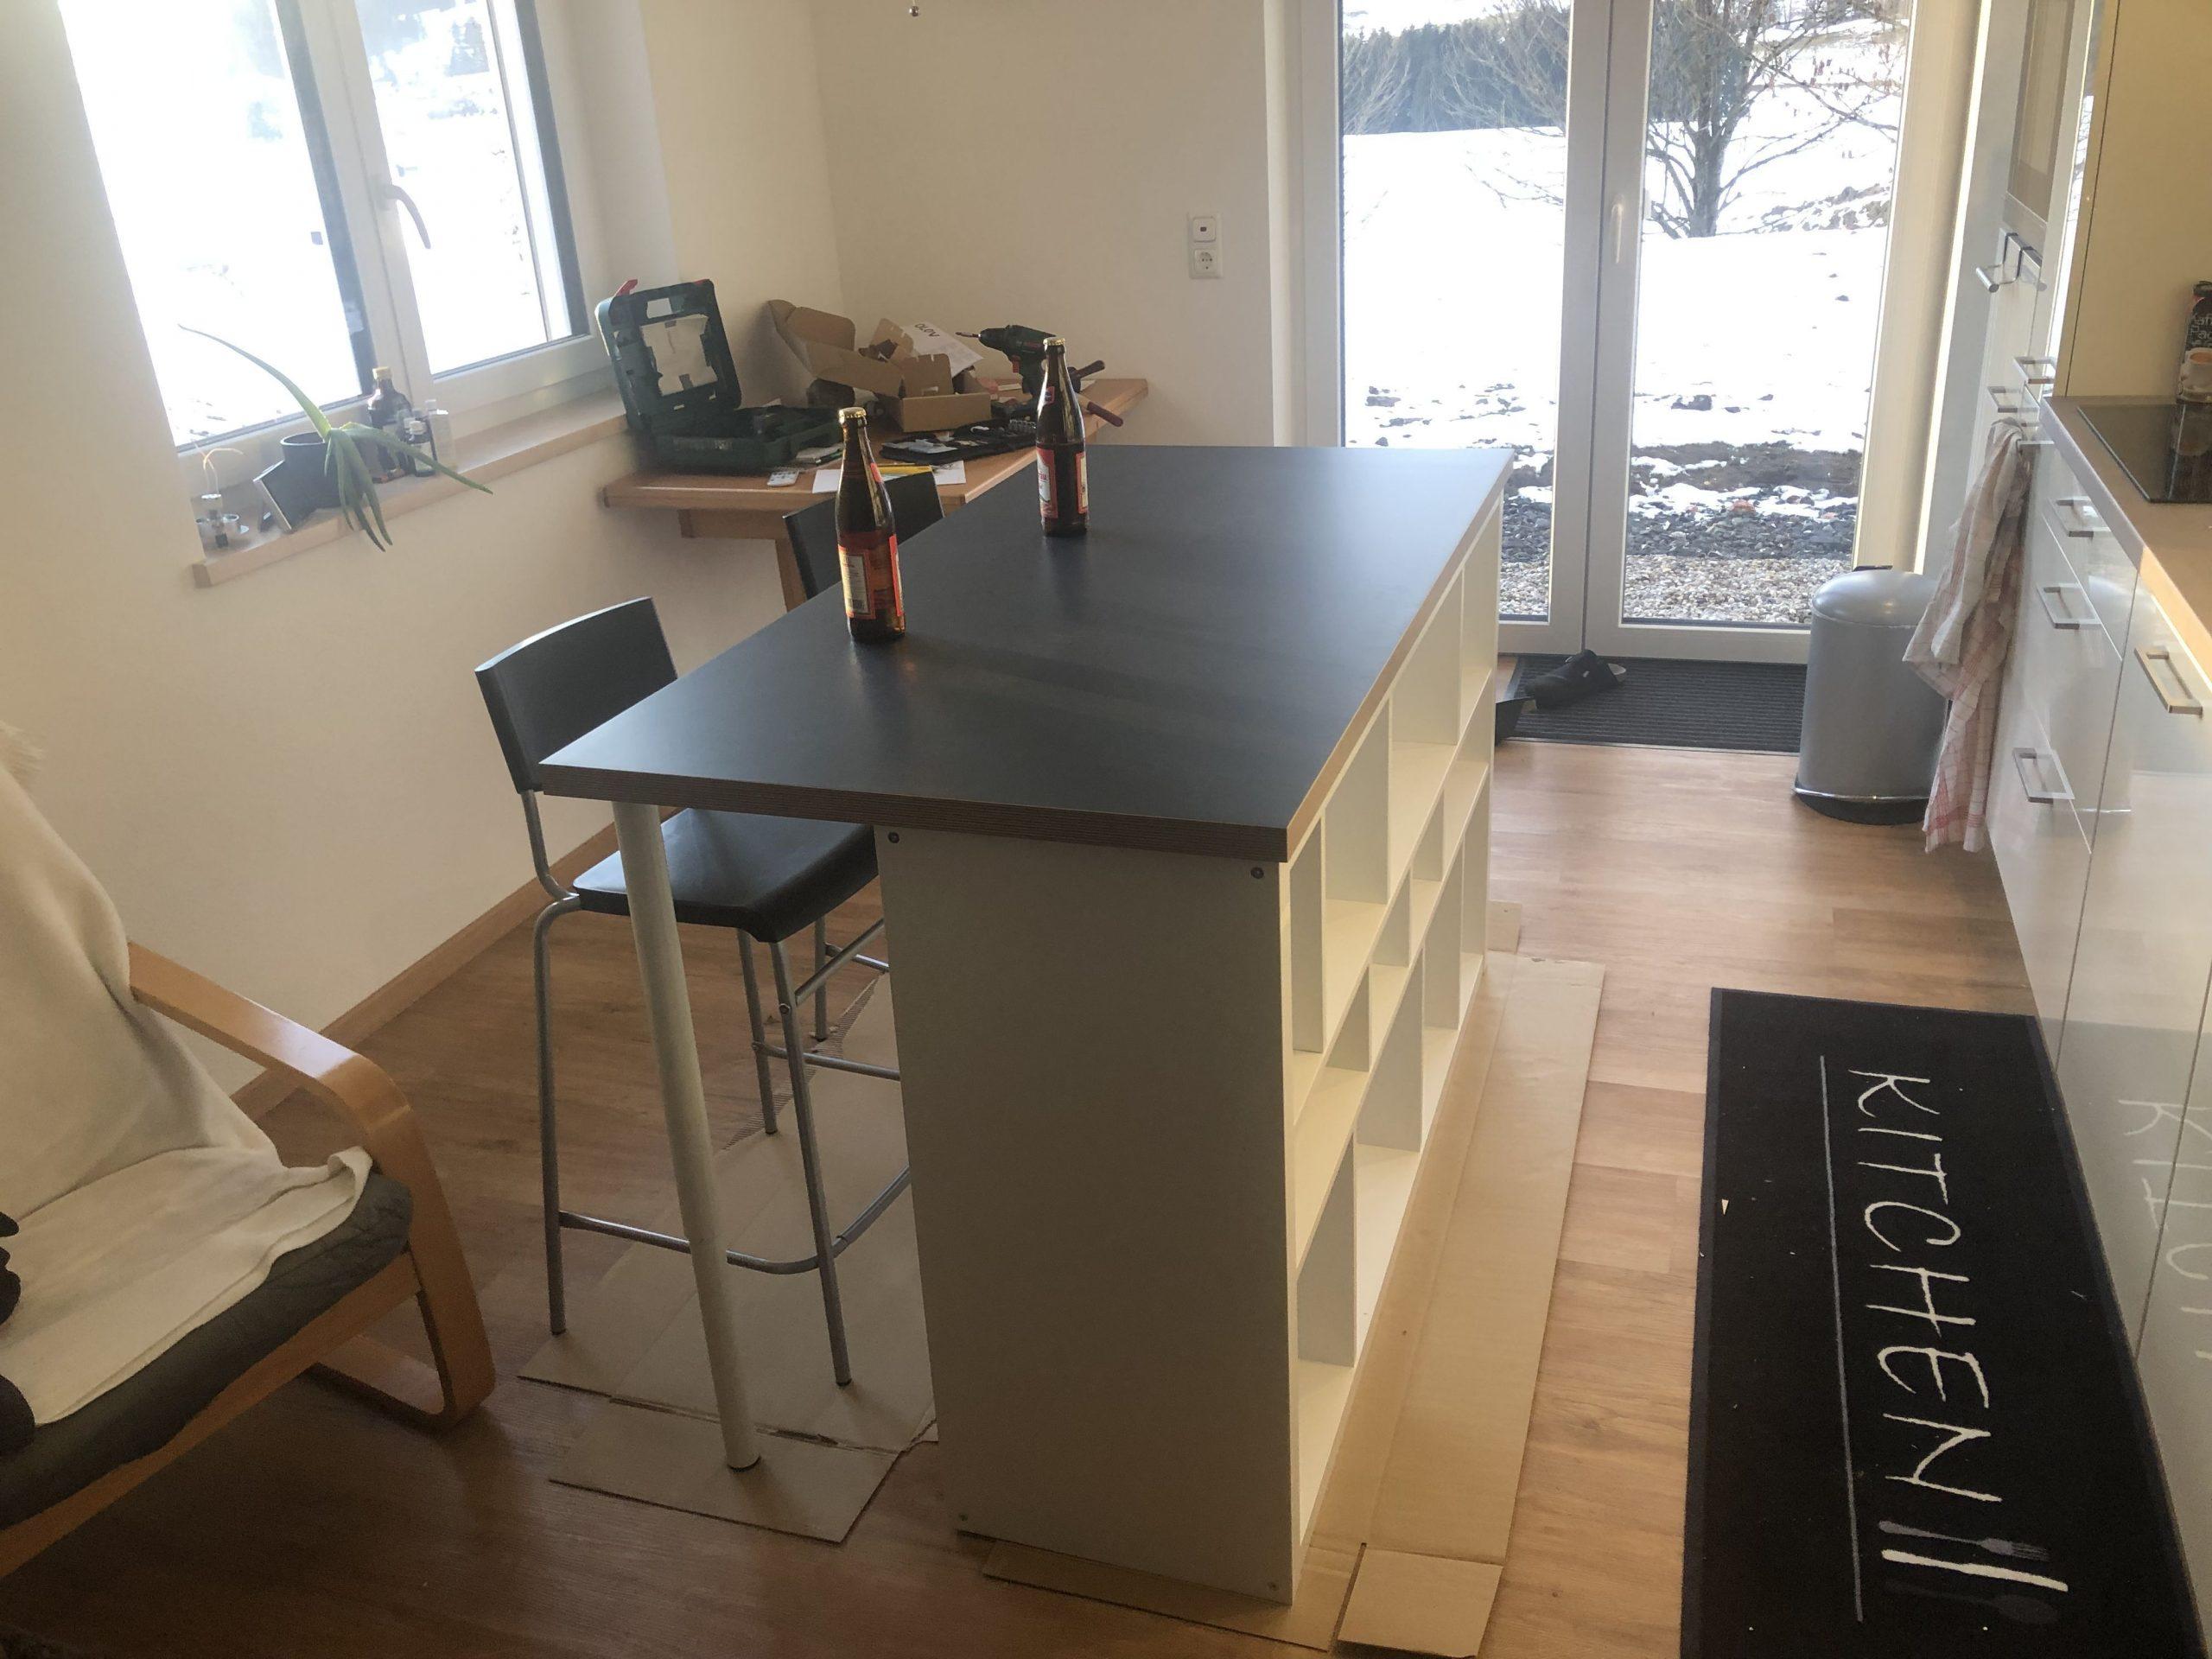 Full Size of Kcheninsel Diy Mit Ikea Produkten Dinning Room Ideas Küche Kosten Sofa Schlaffunktion Betten 160x200 Kaufen Bei Miniküche Modulküche Wohnzimmer Ikea Kücheninsel